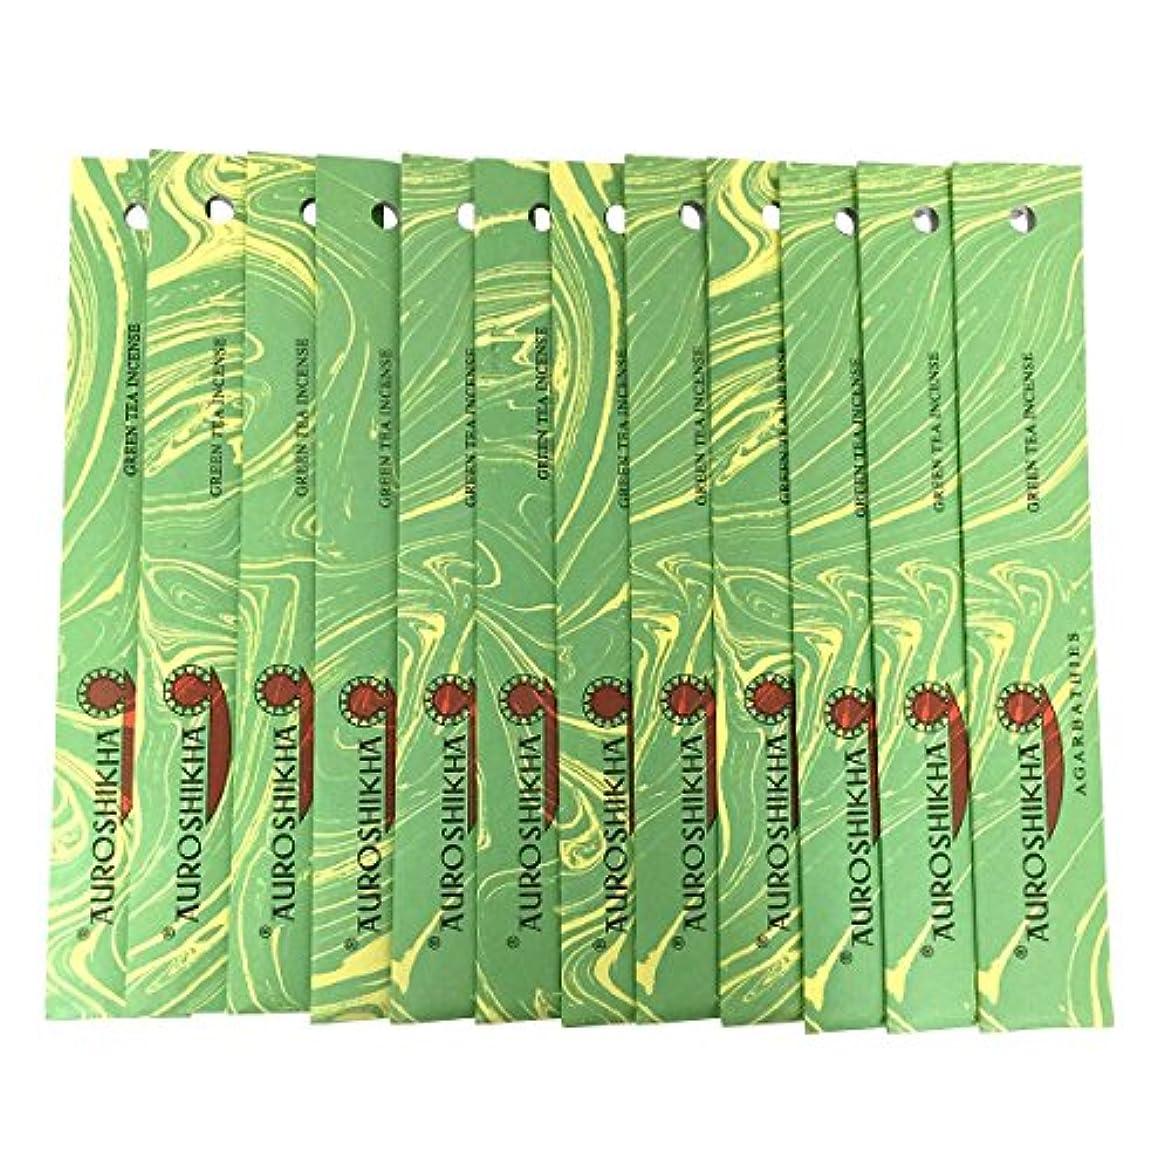 敬意を表する有用帰るAUROSHIKHA オウロシカ(GREENTEAグリーンティー12個セット) マーブルパッケージスティック 送料無料